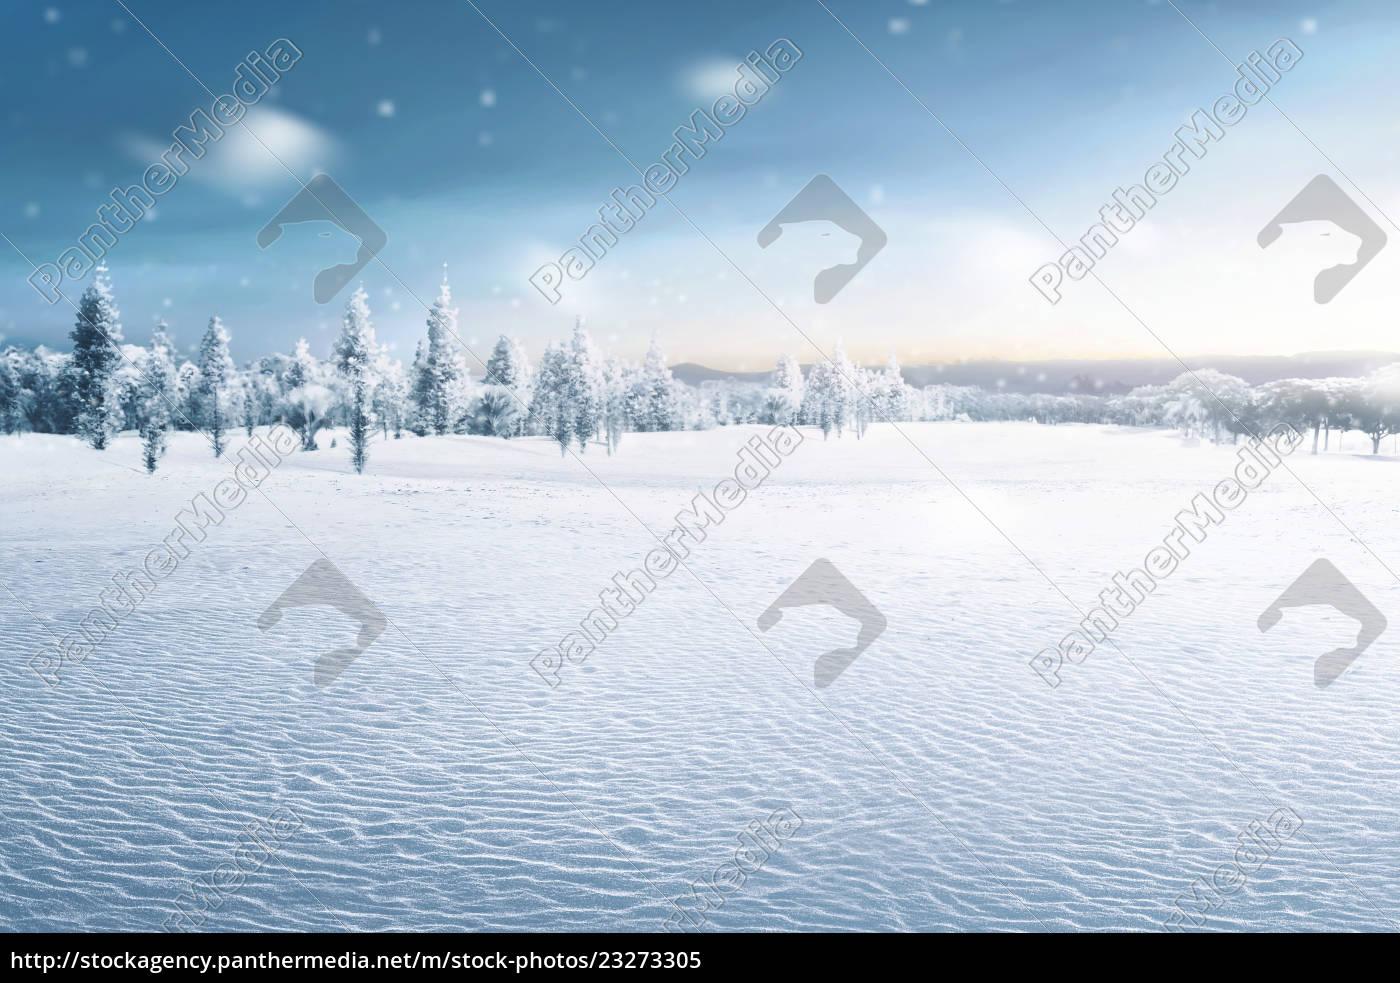 landscape, of, snowy, field, with, frozen - 23273305